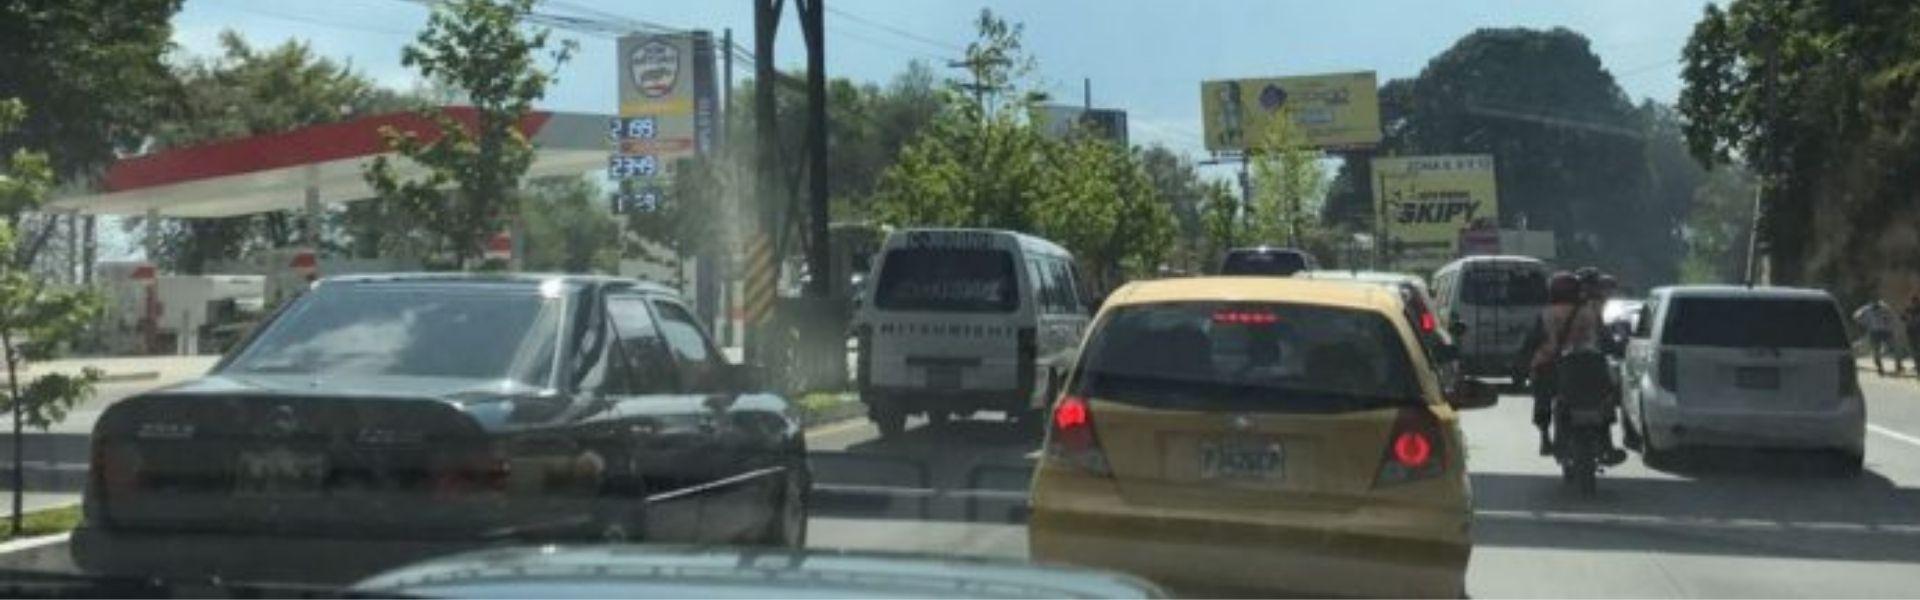 Rutas y vías alternas por construcción en San Lucas